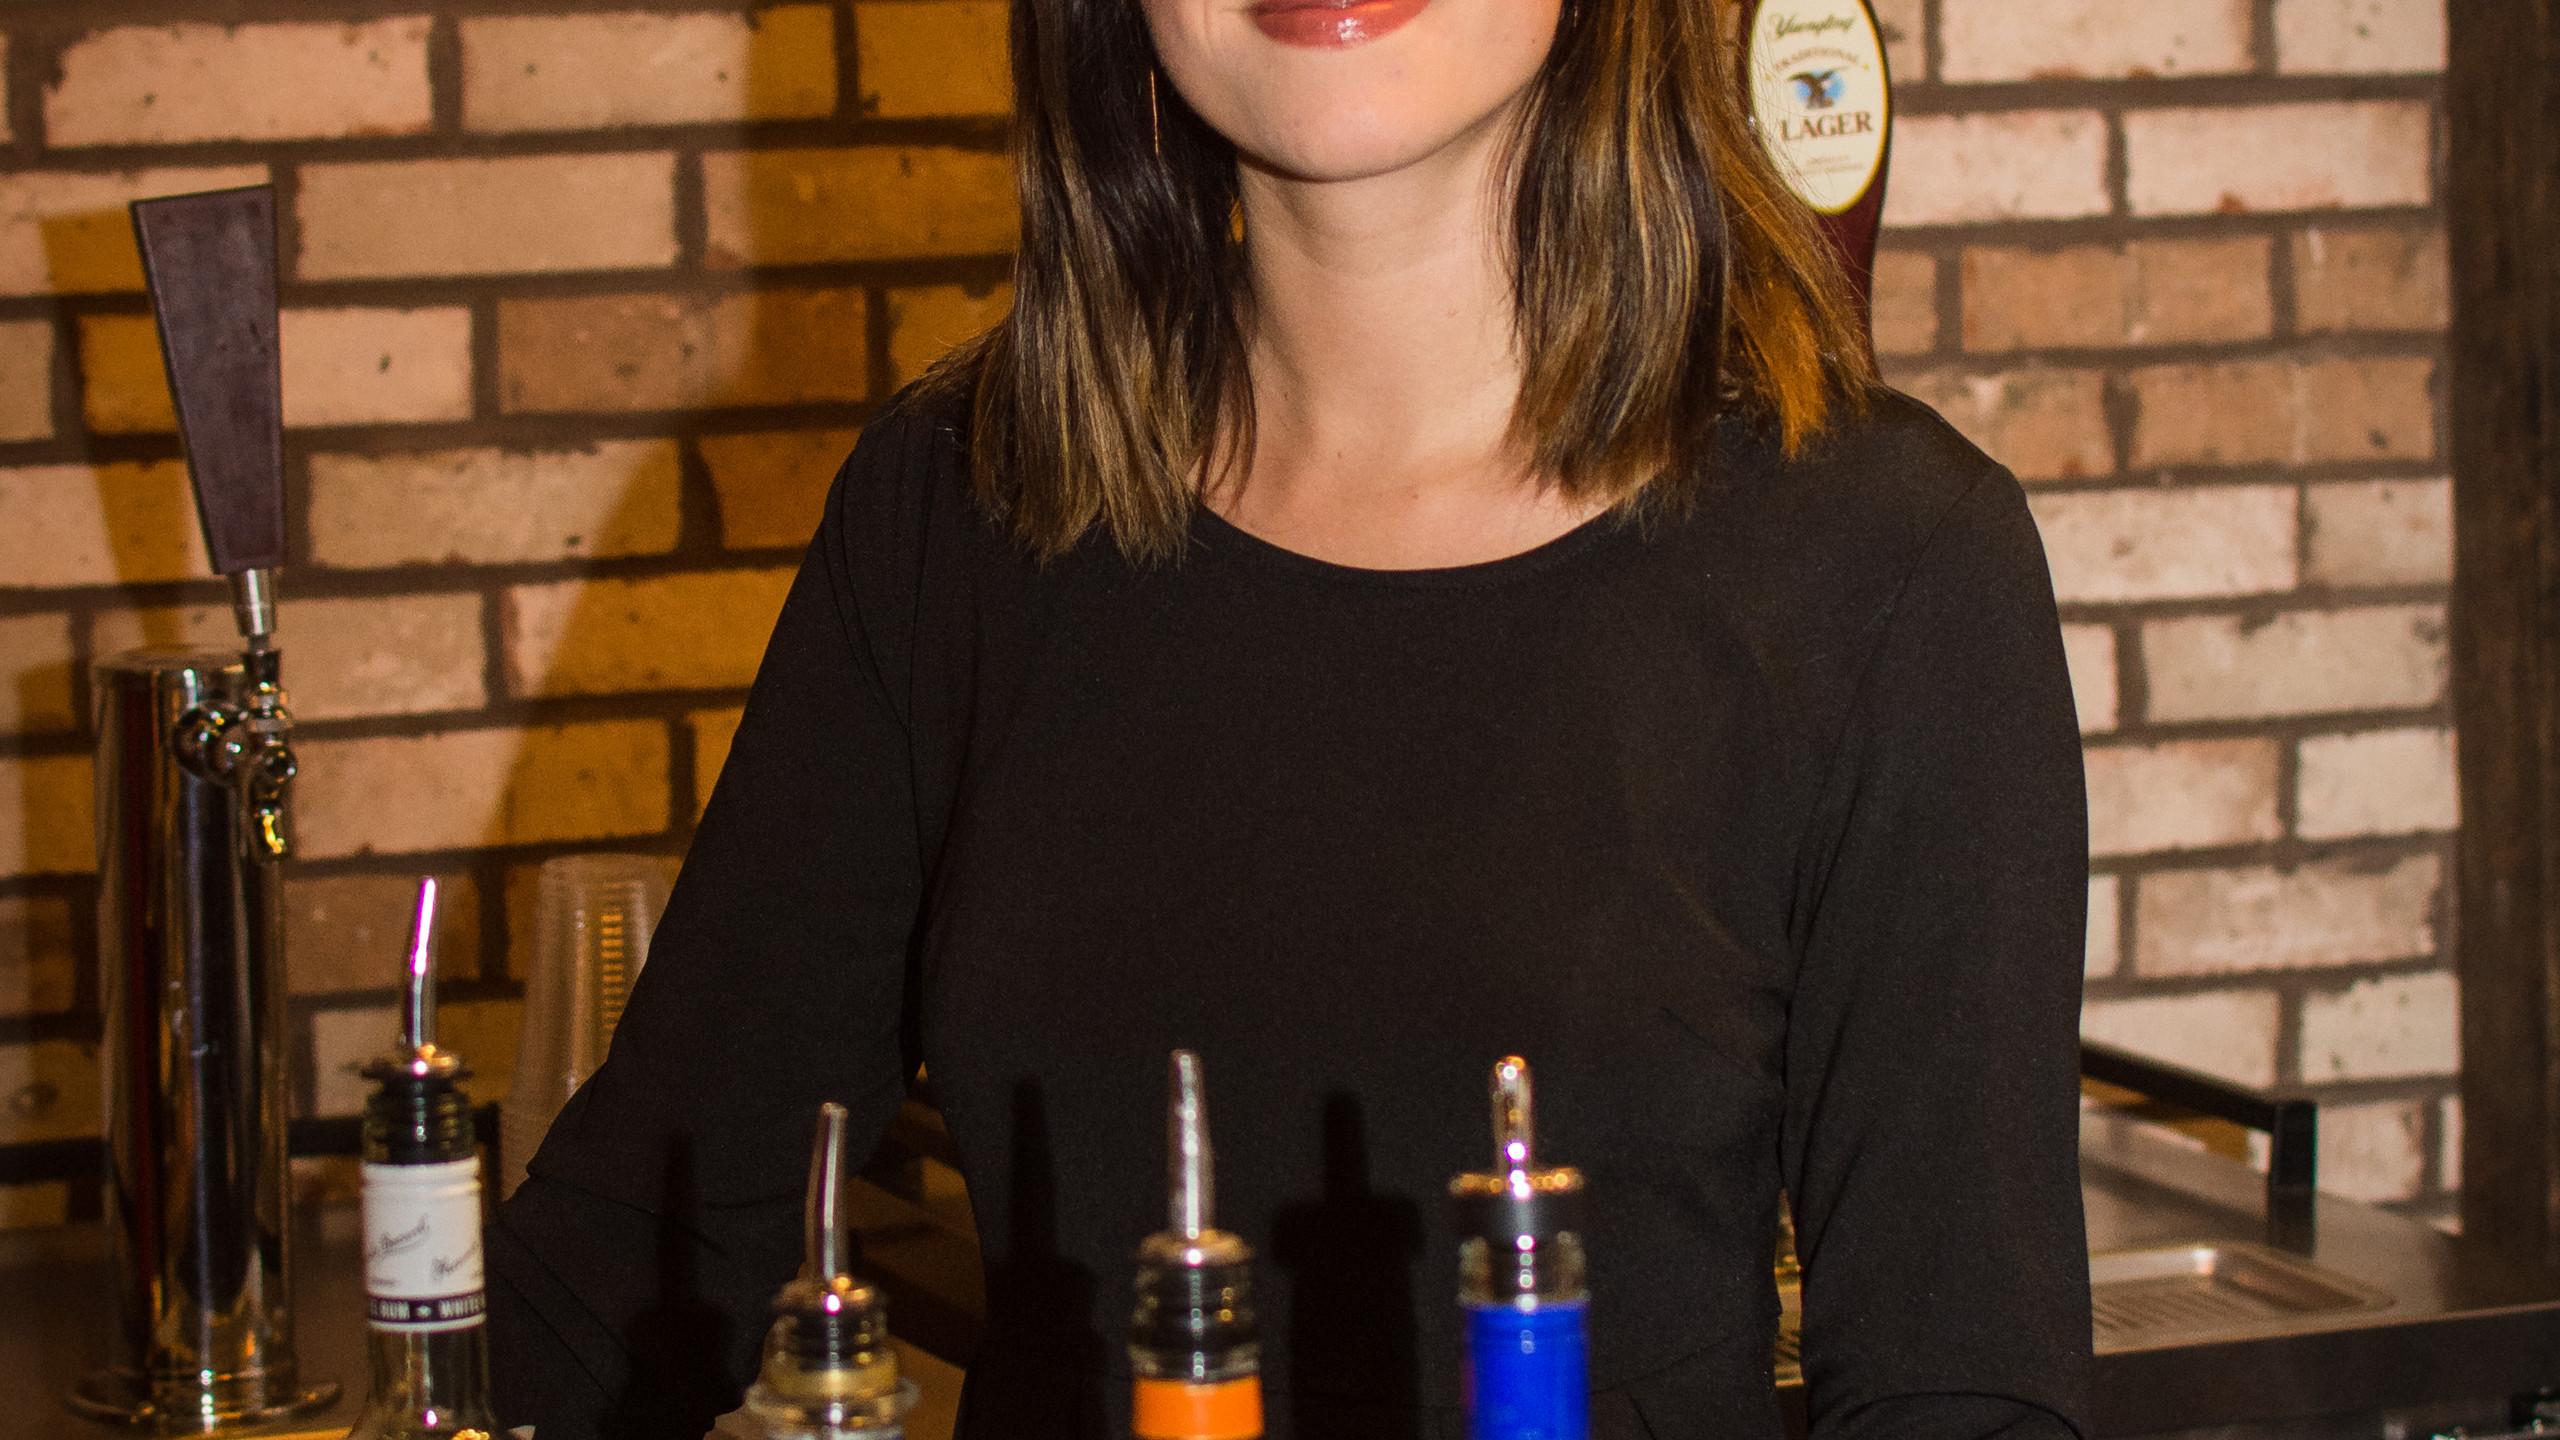 Phoebe Ronzelle